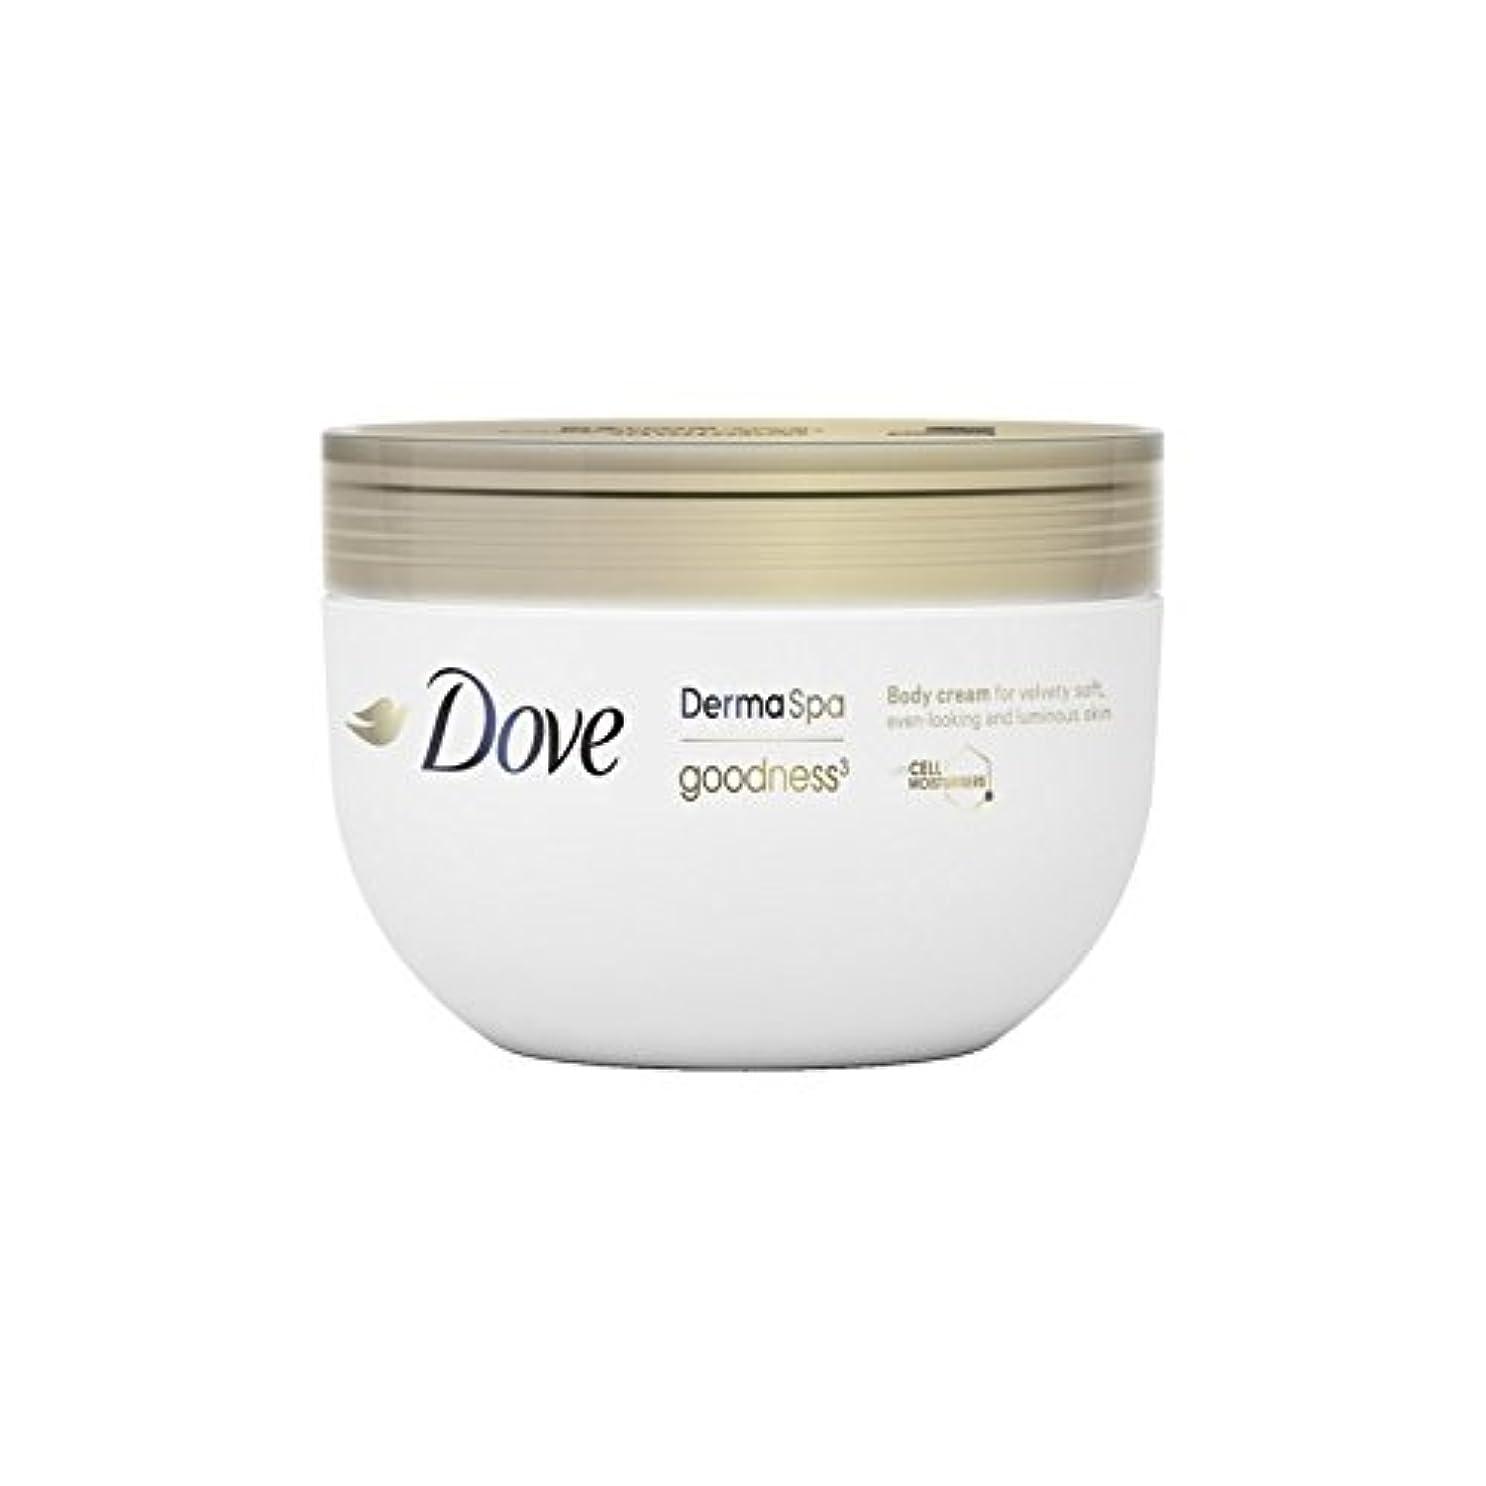 結核融合ナイロン鳩の3ボディクリーム(300ミリリットル) x2 - Dove DermaSpa Goodness3 Body Cream (300ml) (Pack of 2) [並行輸入品]